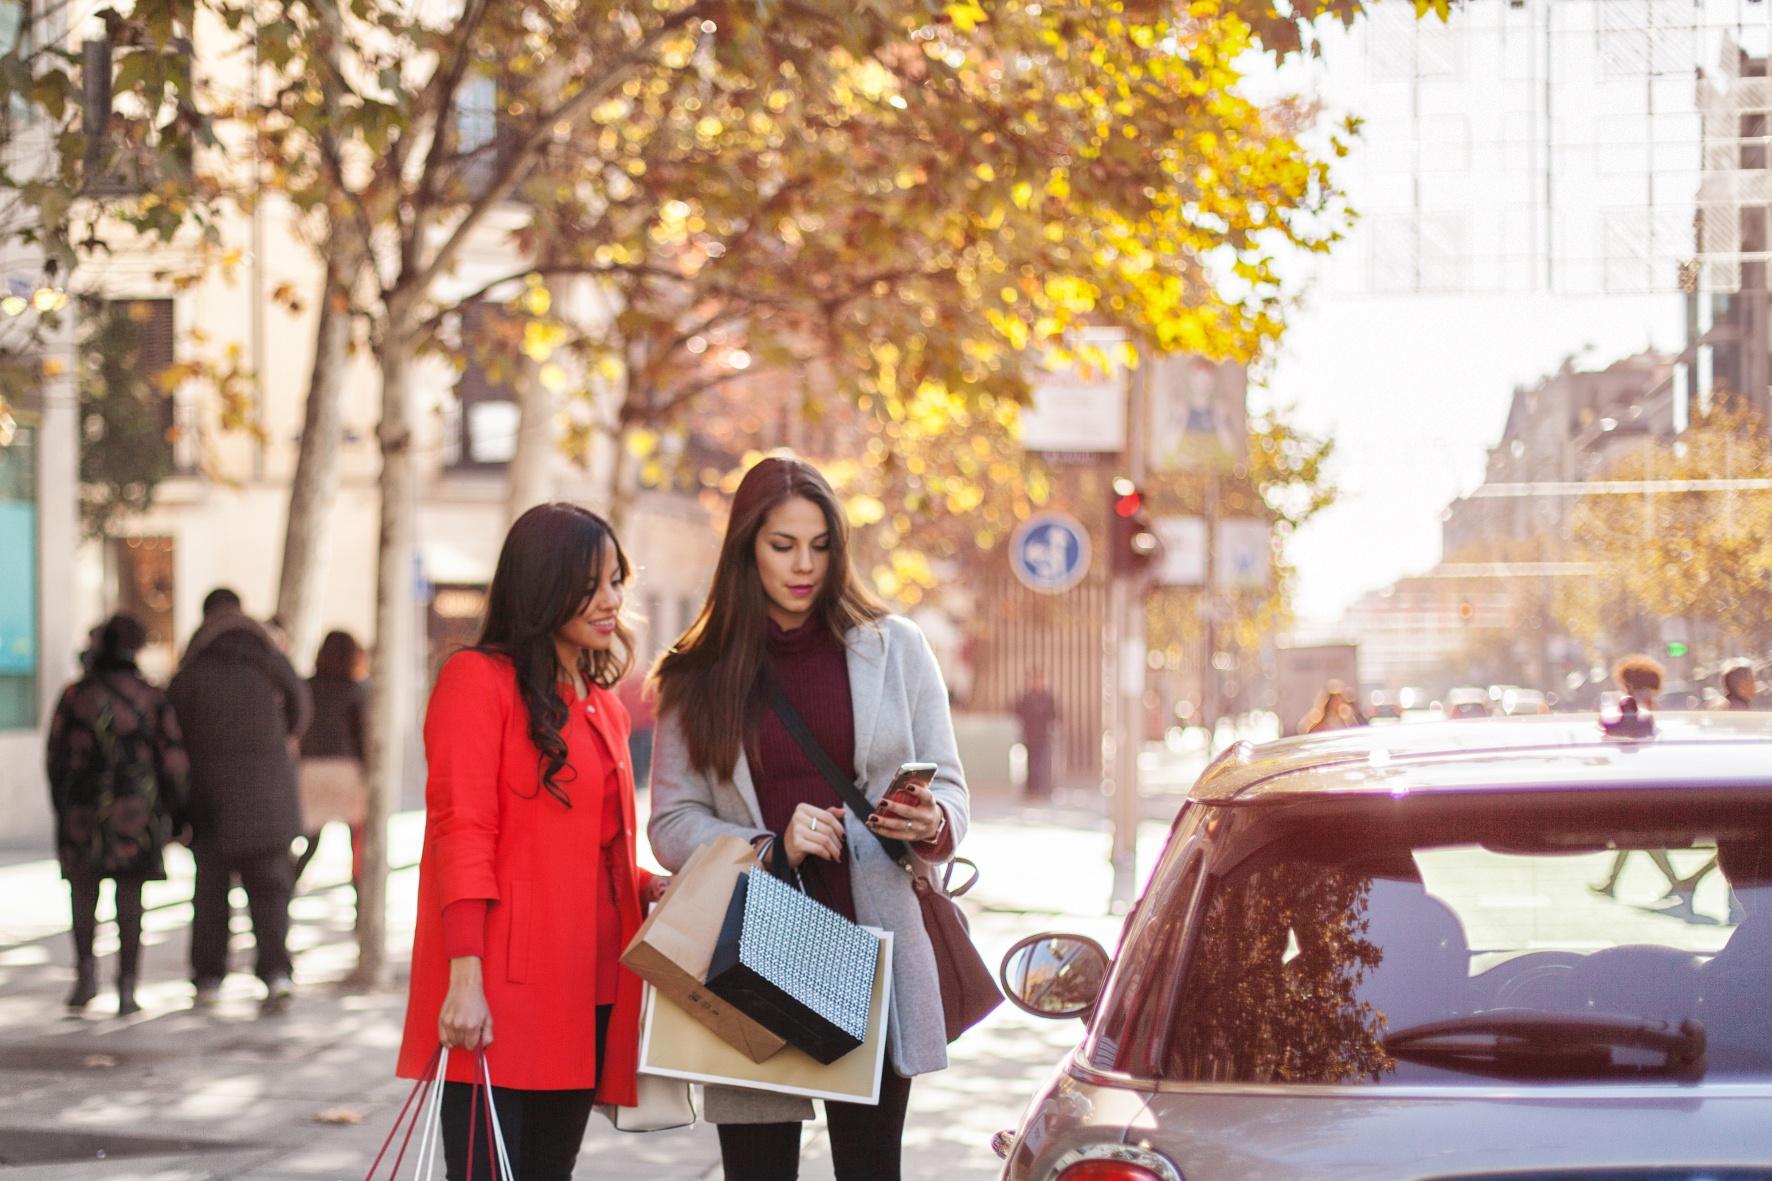 Carsharing: Die Nutzer sind offen für Innovationen aber nicht übermäßig umweltfreundlich